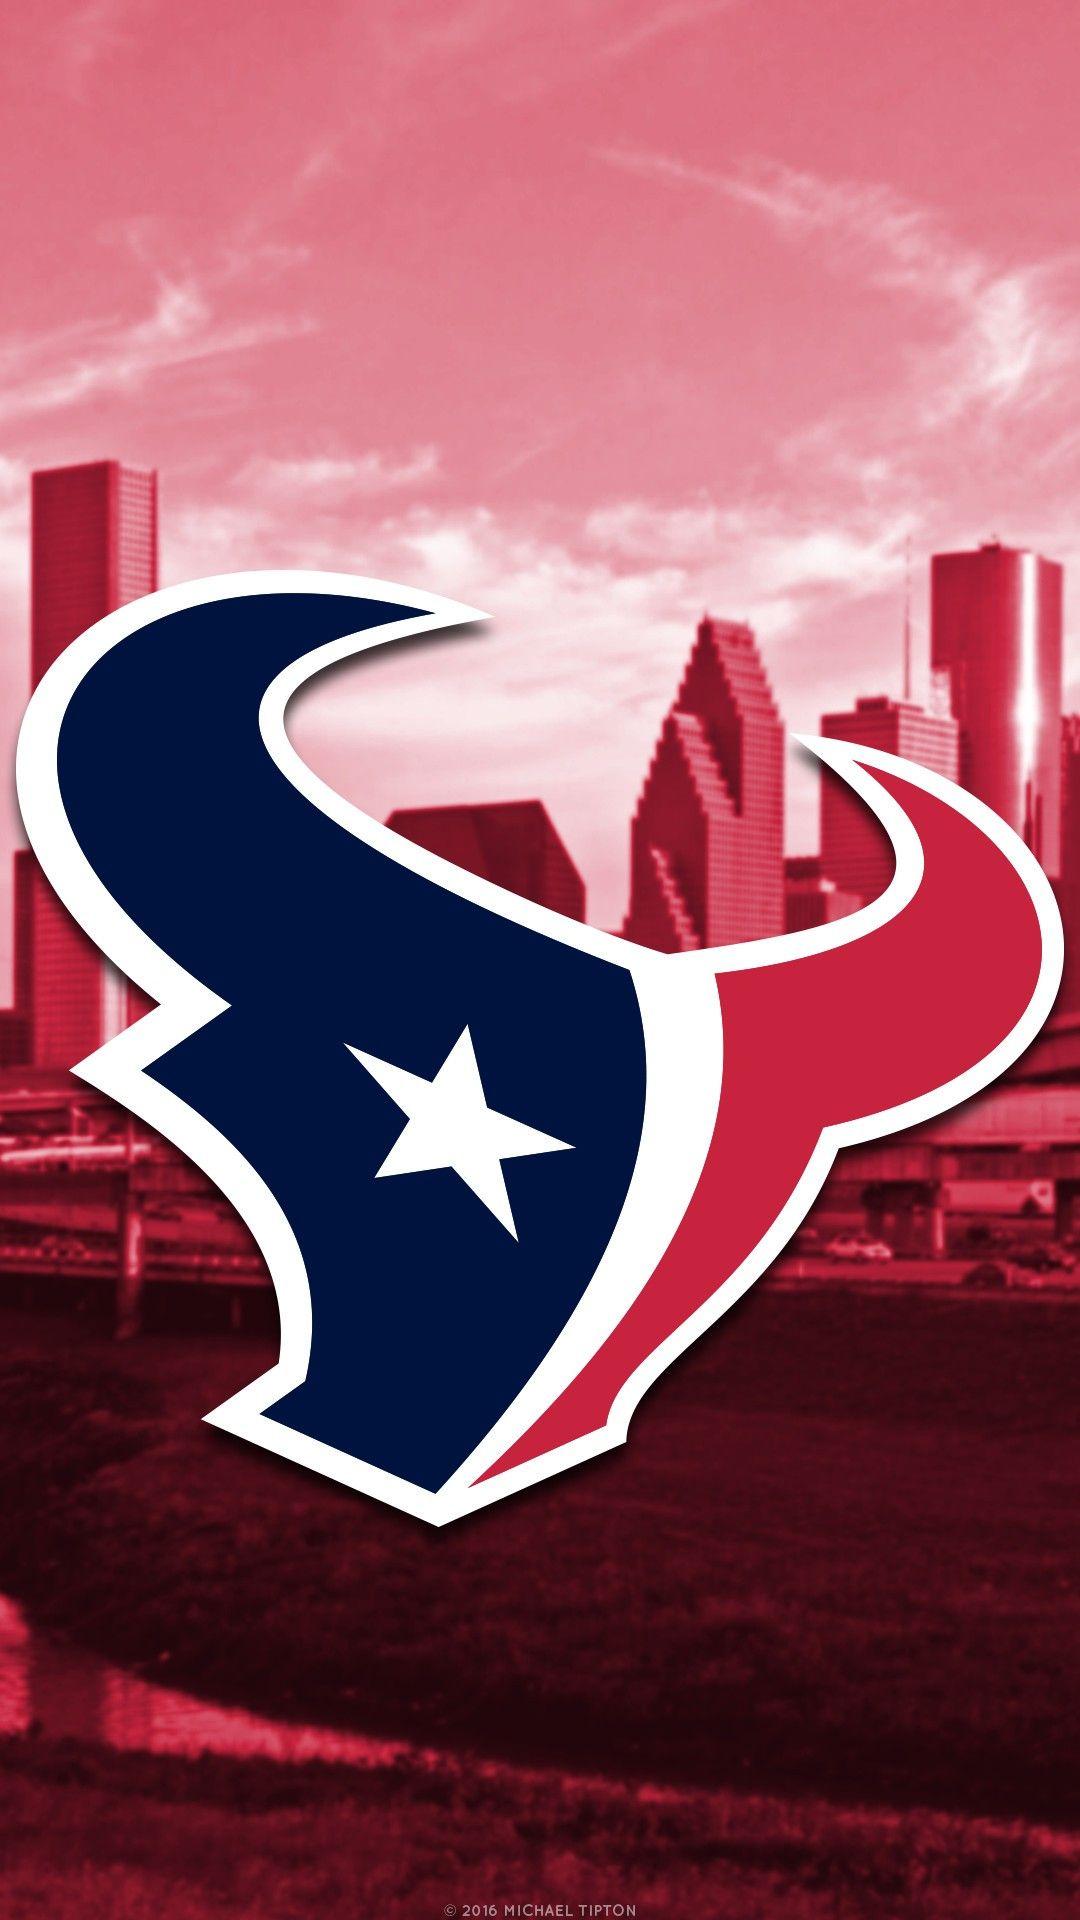 Elegant Texans Wallpaper